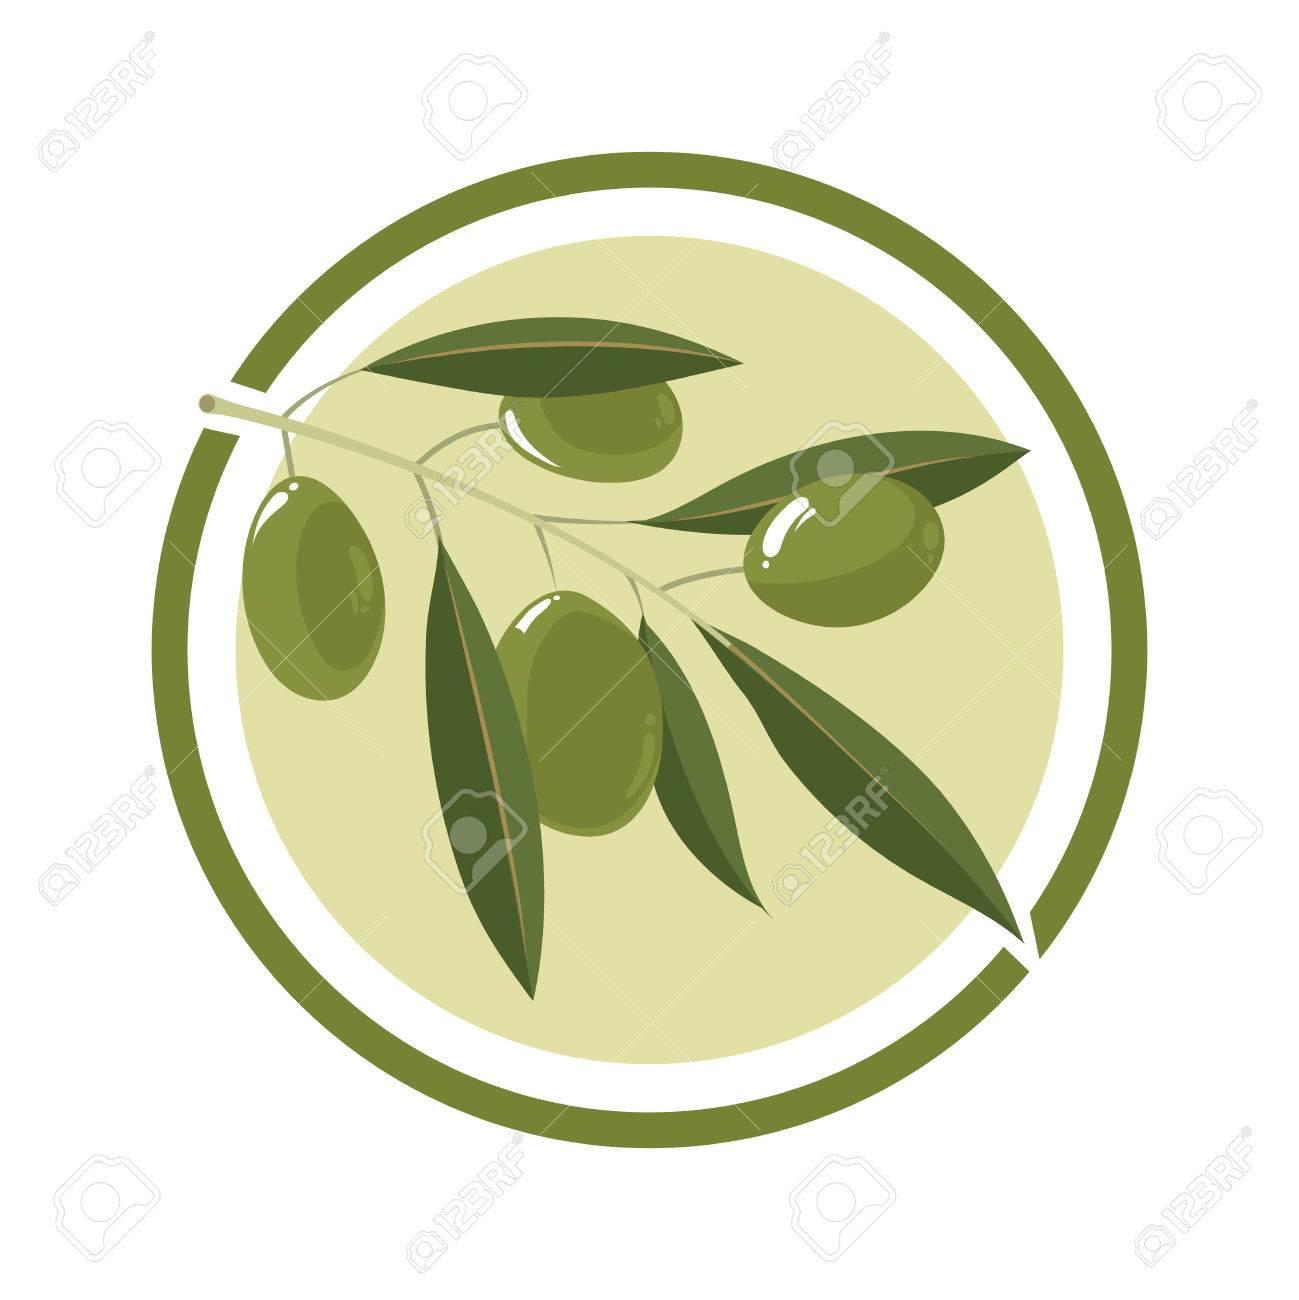 Zweig Der Olivenbaum Mit Weißen Oliven. Vektor-Illustration Im Kreis ...